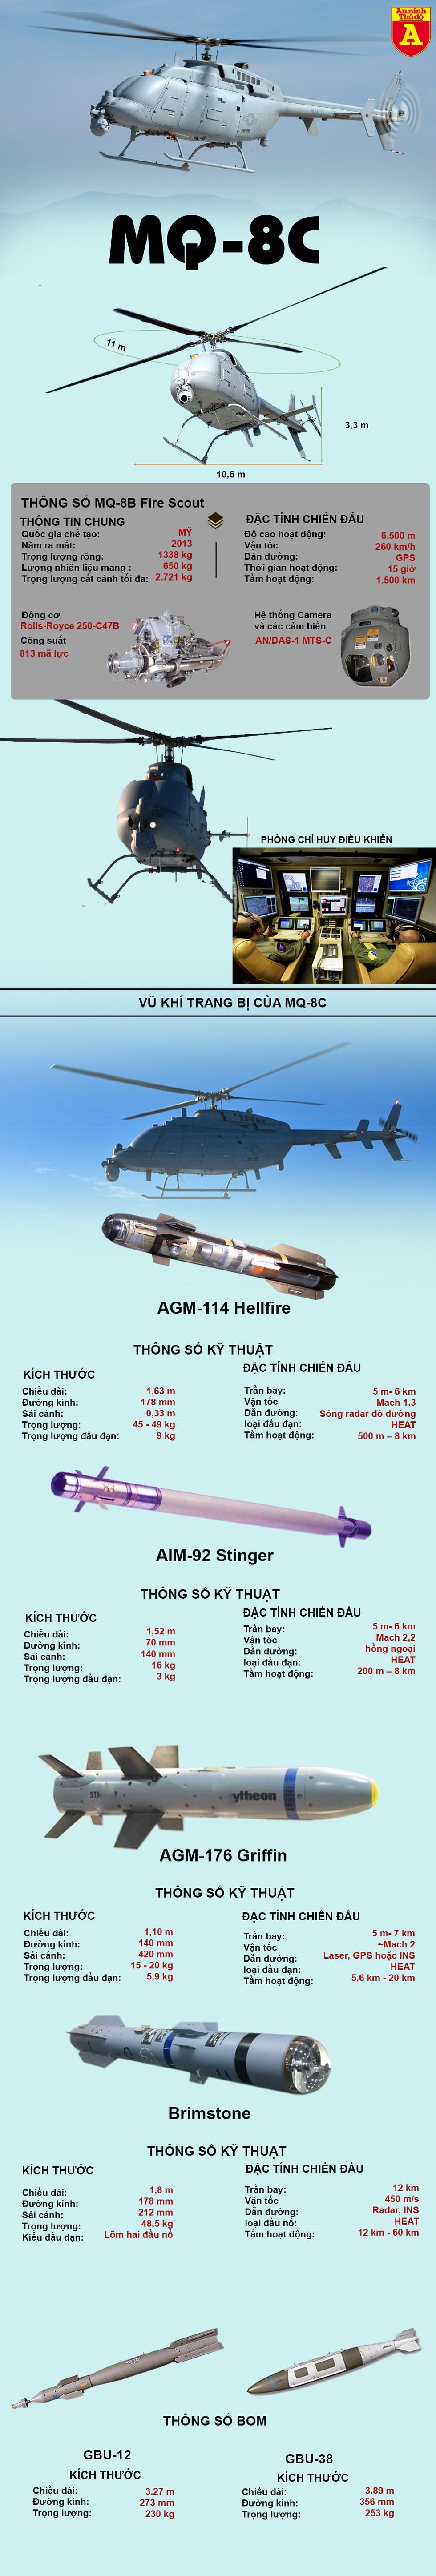 """[Infographics] Trực thăng không người lái - """"Chim lửa"""" MQ-8C đình cao của Mỹ chính thức ra mắt - Ảnh 1"""